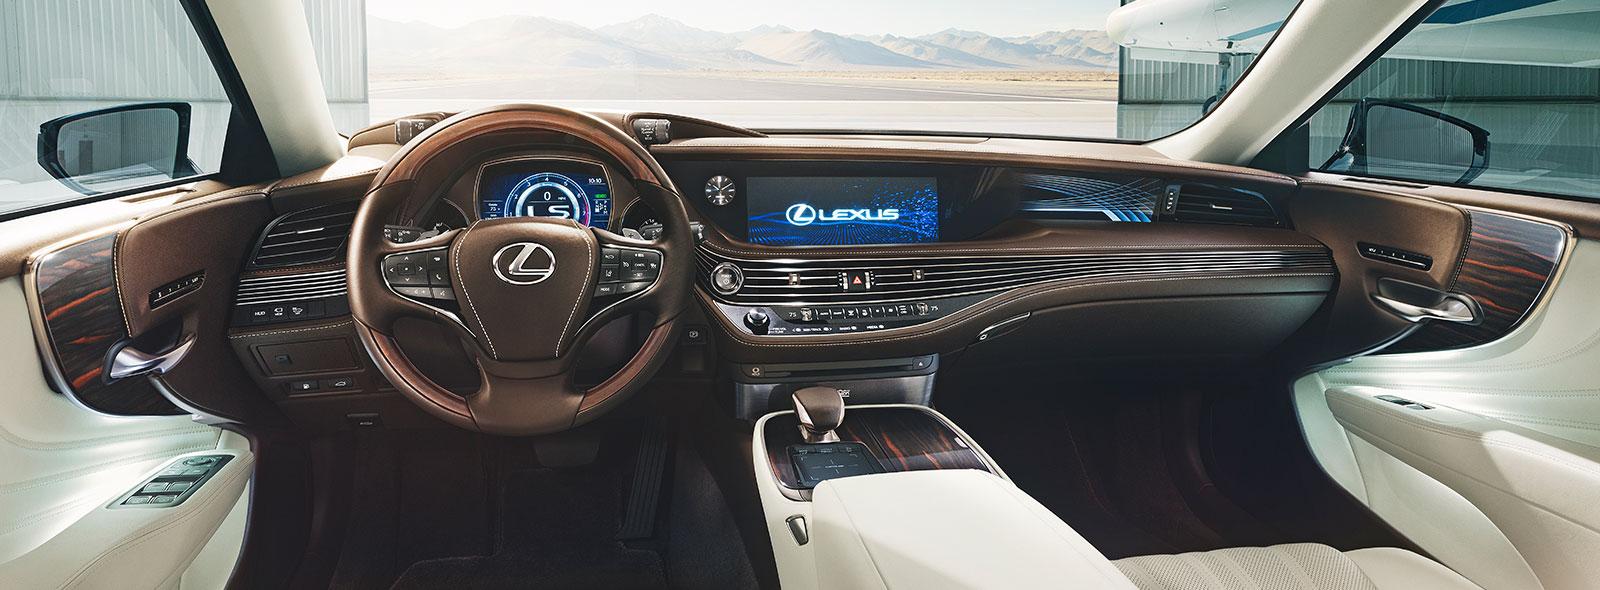 Lexus LS avtomobilinin interyer görüntüsü